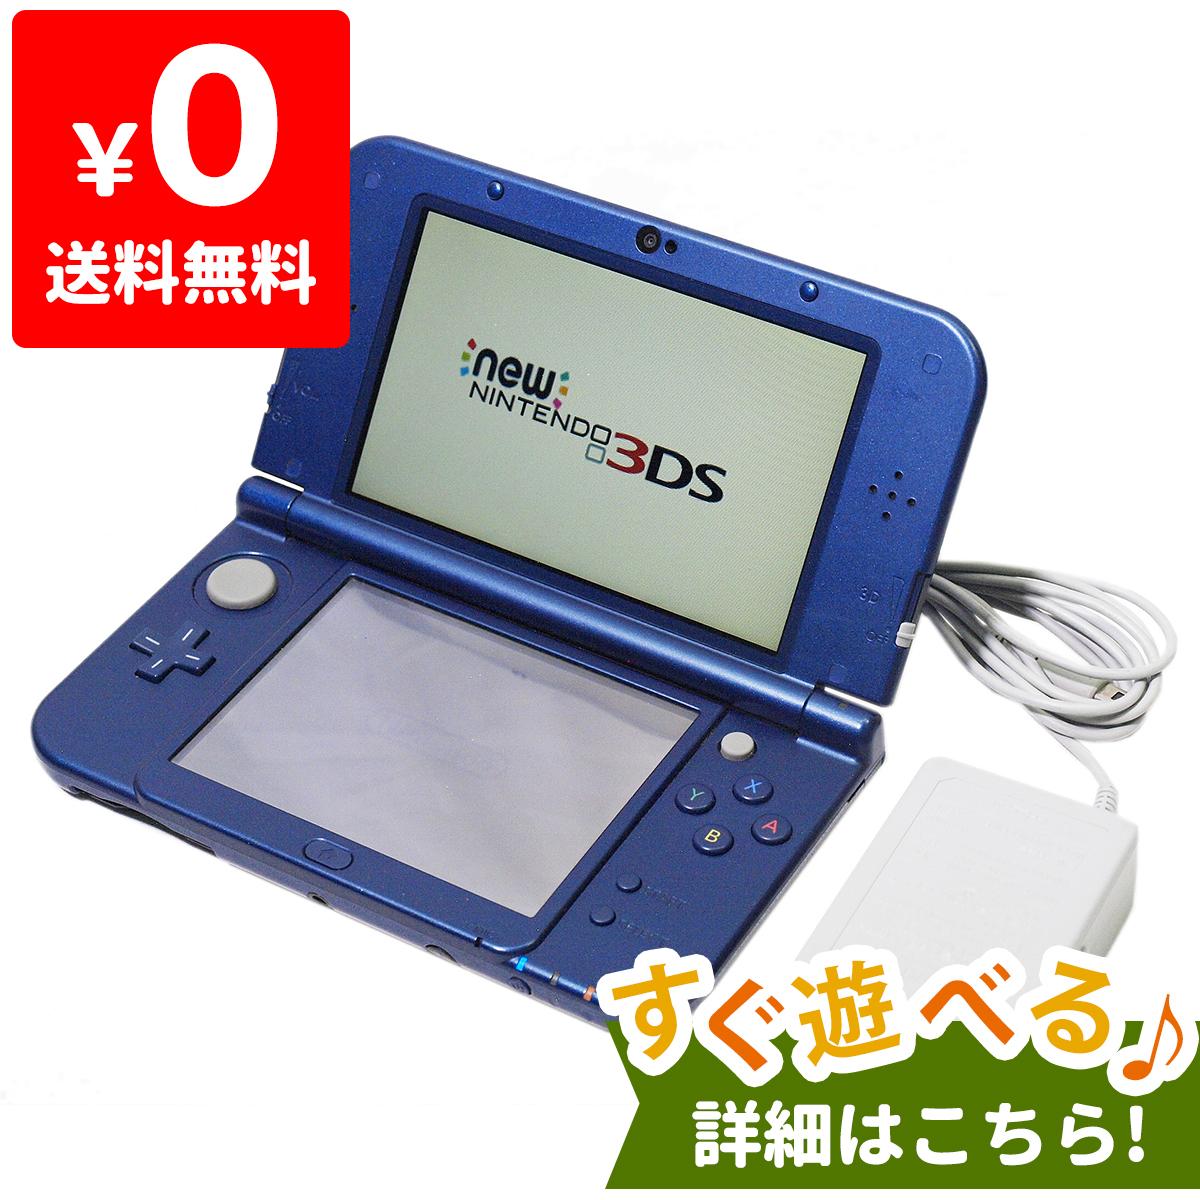 New3DSLL New ニンテンドー3DS LL メタリックブルー(RED-S-BAAA) 本体 すぐ遊べるセット Nintendo 任天堂 ニンテンドー 中古 4902370522174 送料無料 【中古】